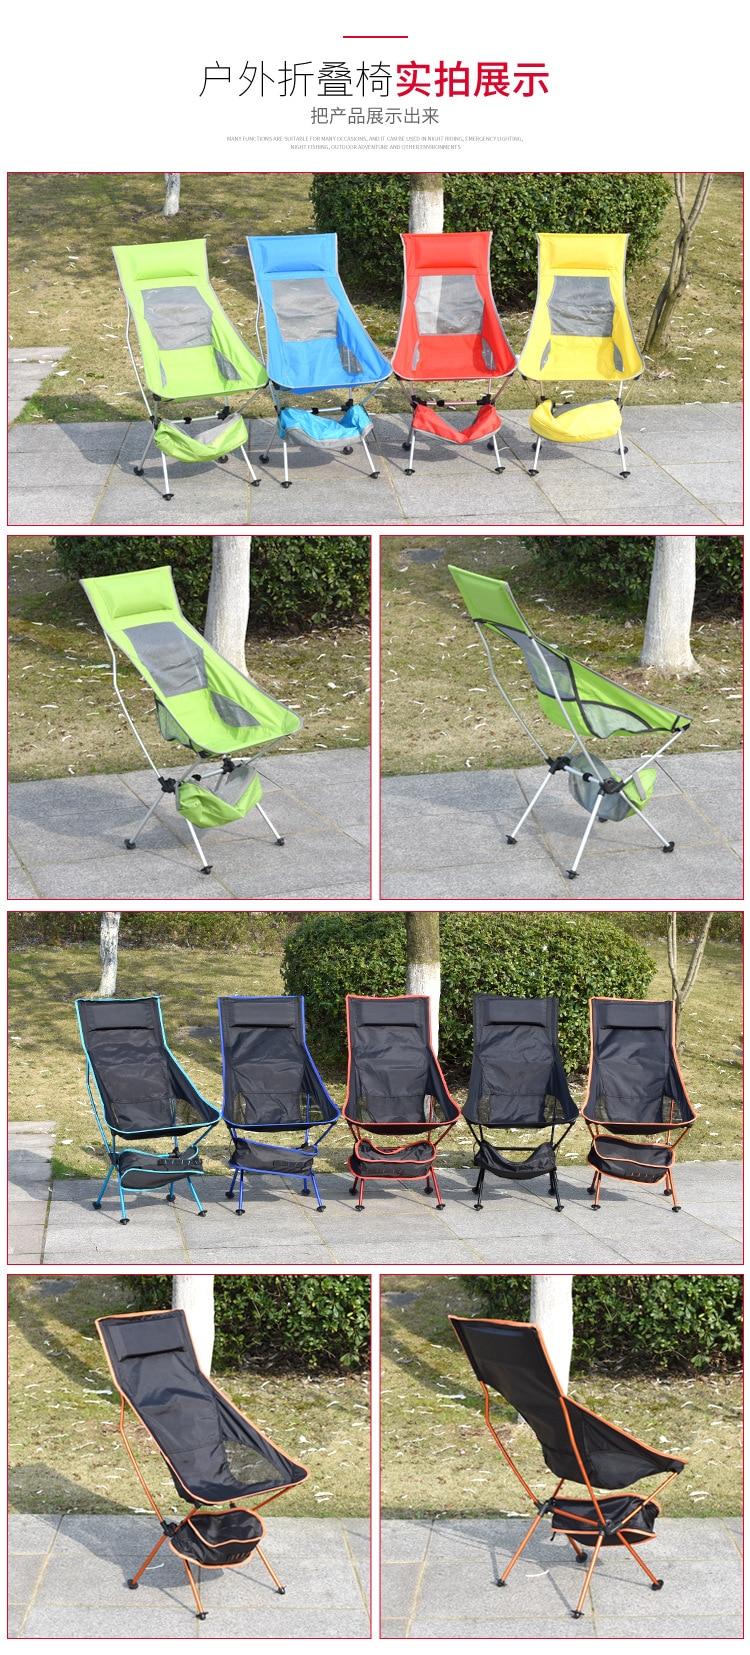 cadeira acampamento praia cadeiras 05